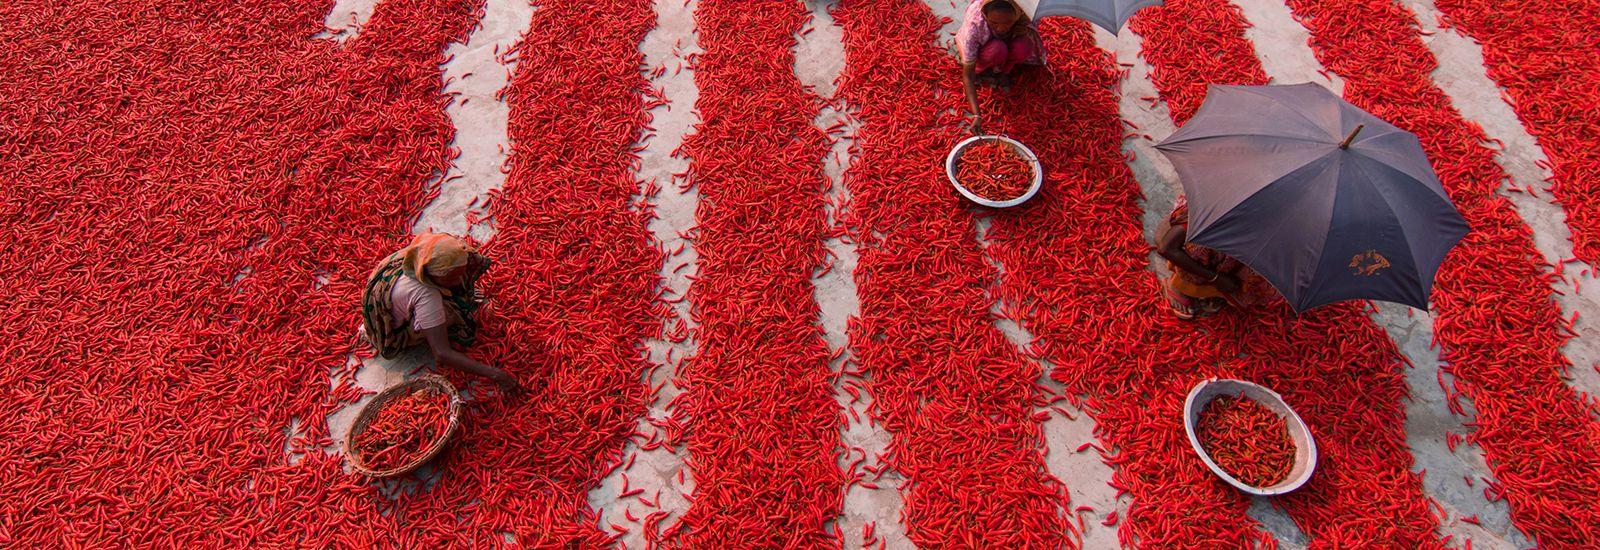 Chili pickers working